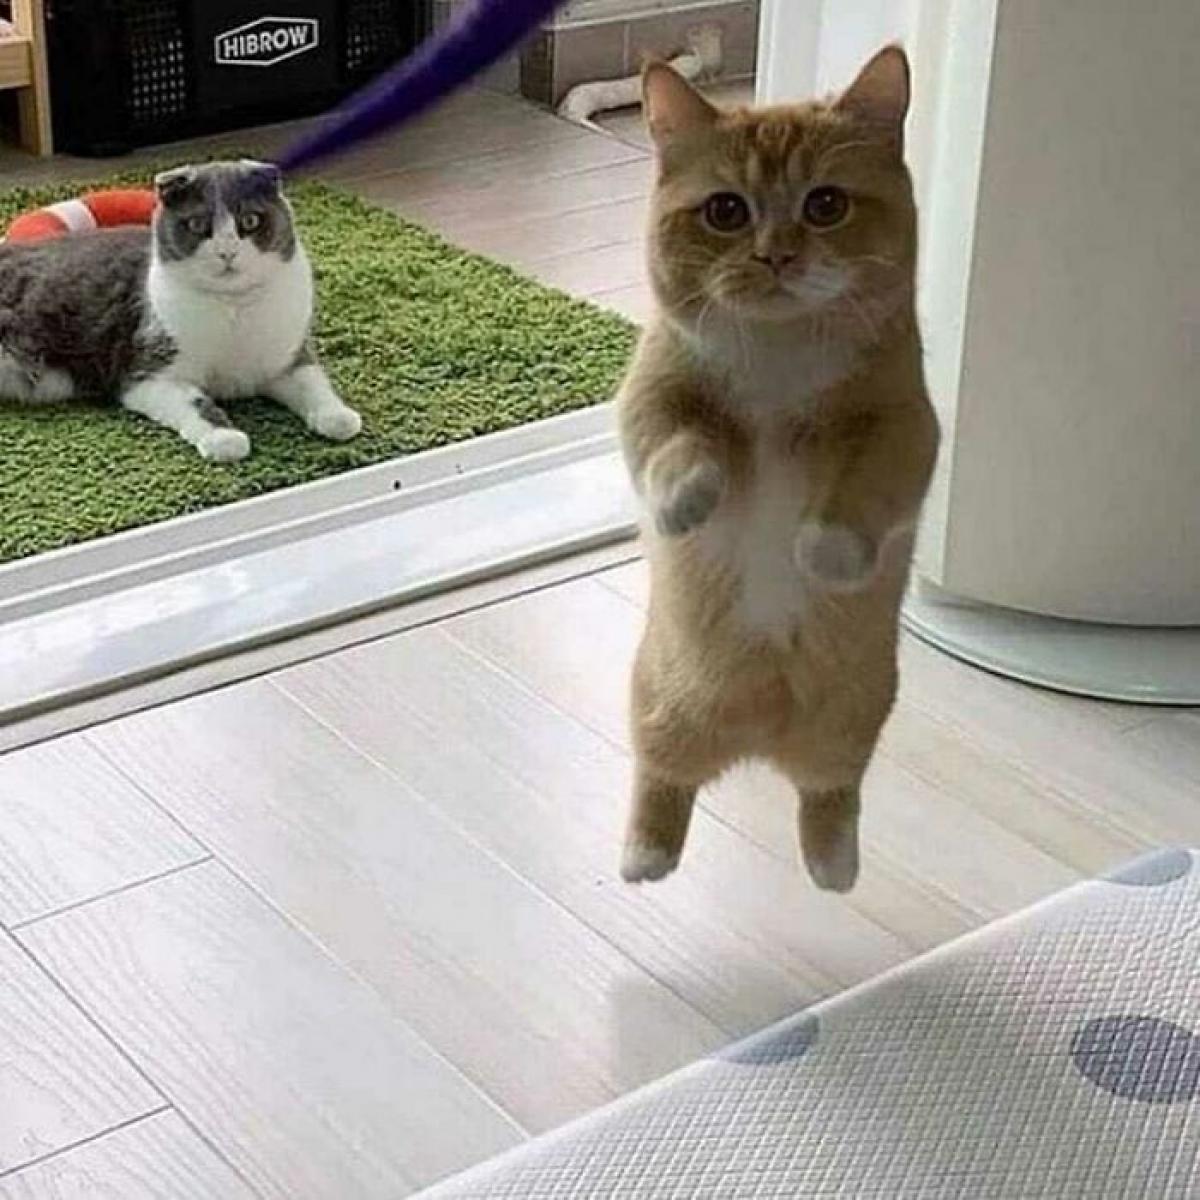 Biểu cảm nũng nịu đáng yêu của một chú mèo con khiến trái tim bạn tan chảy.